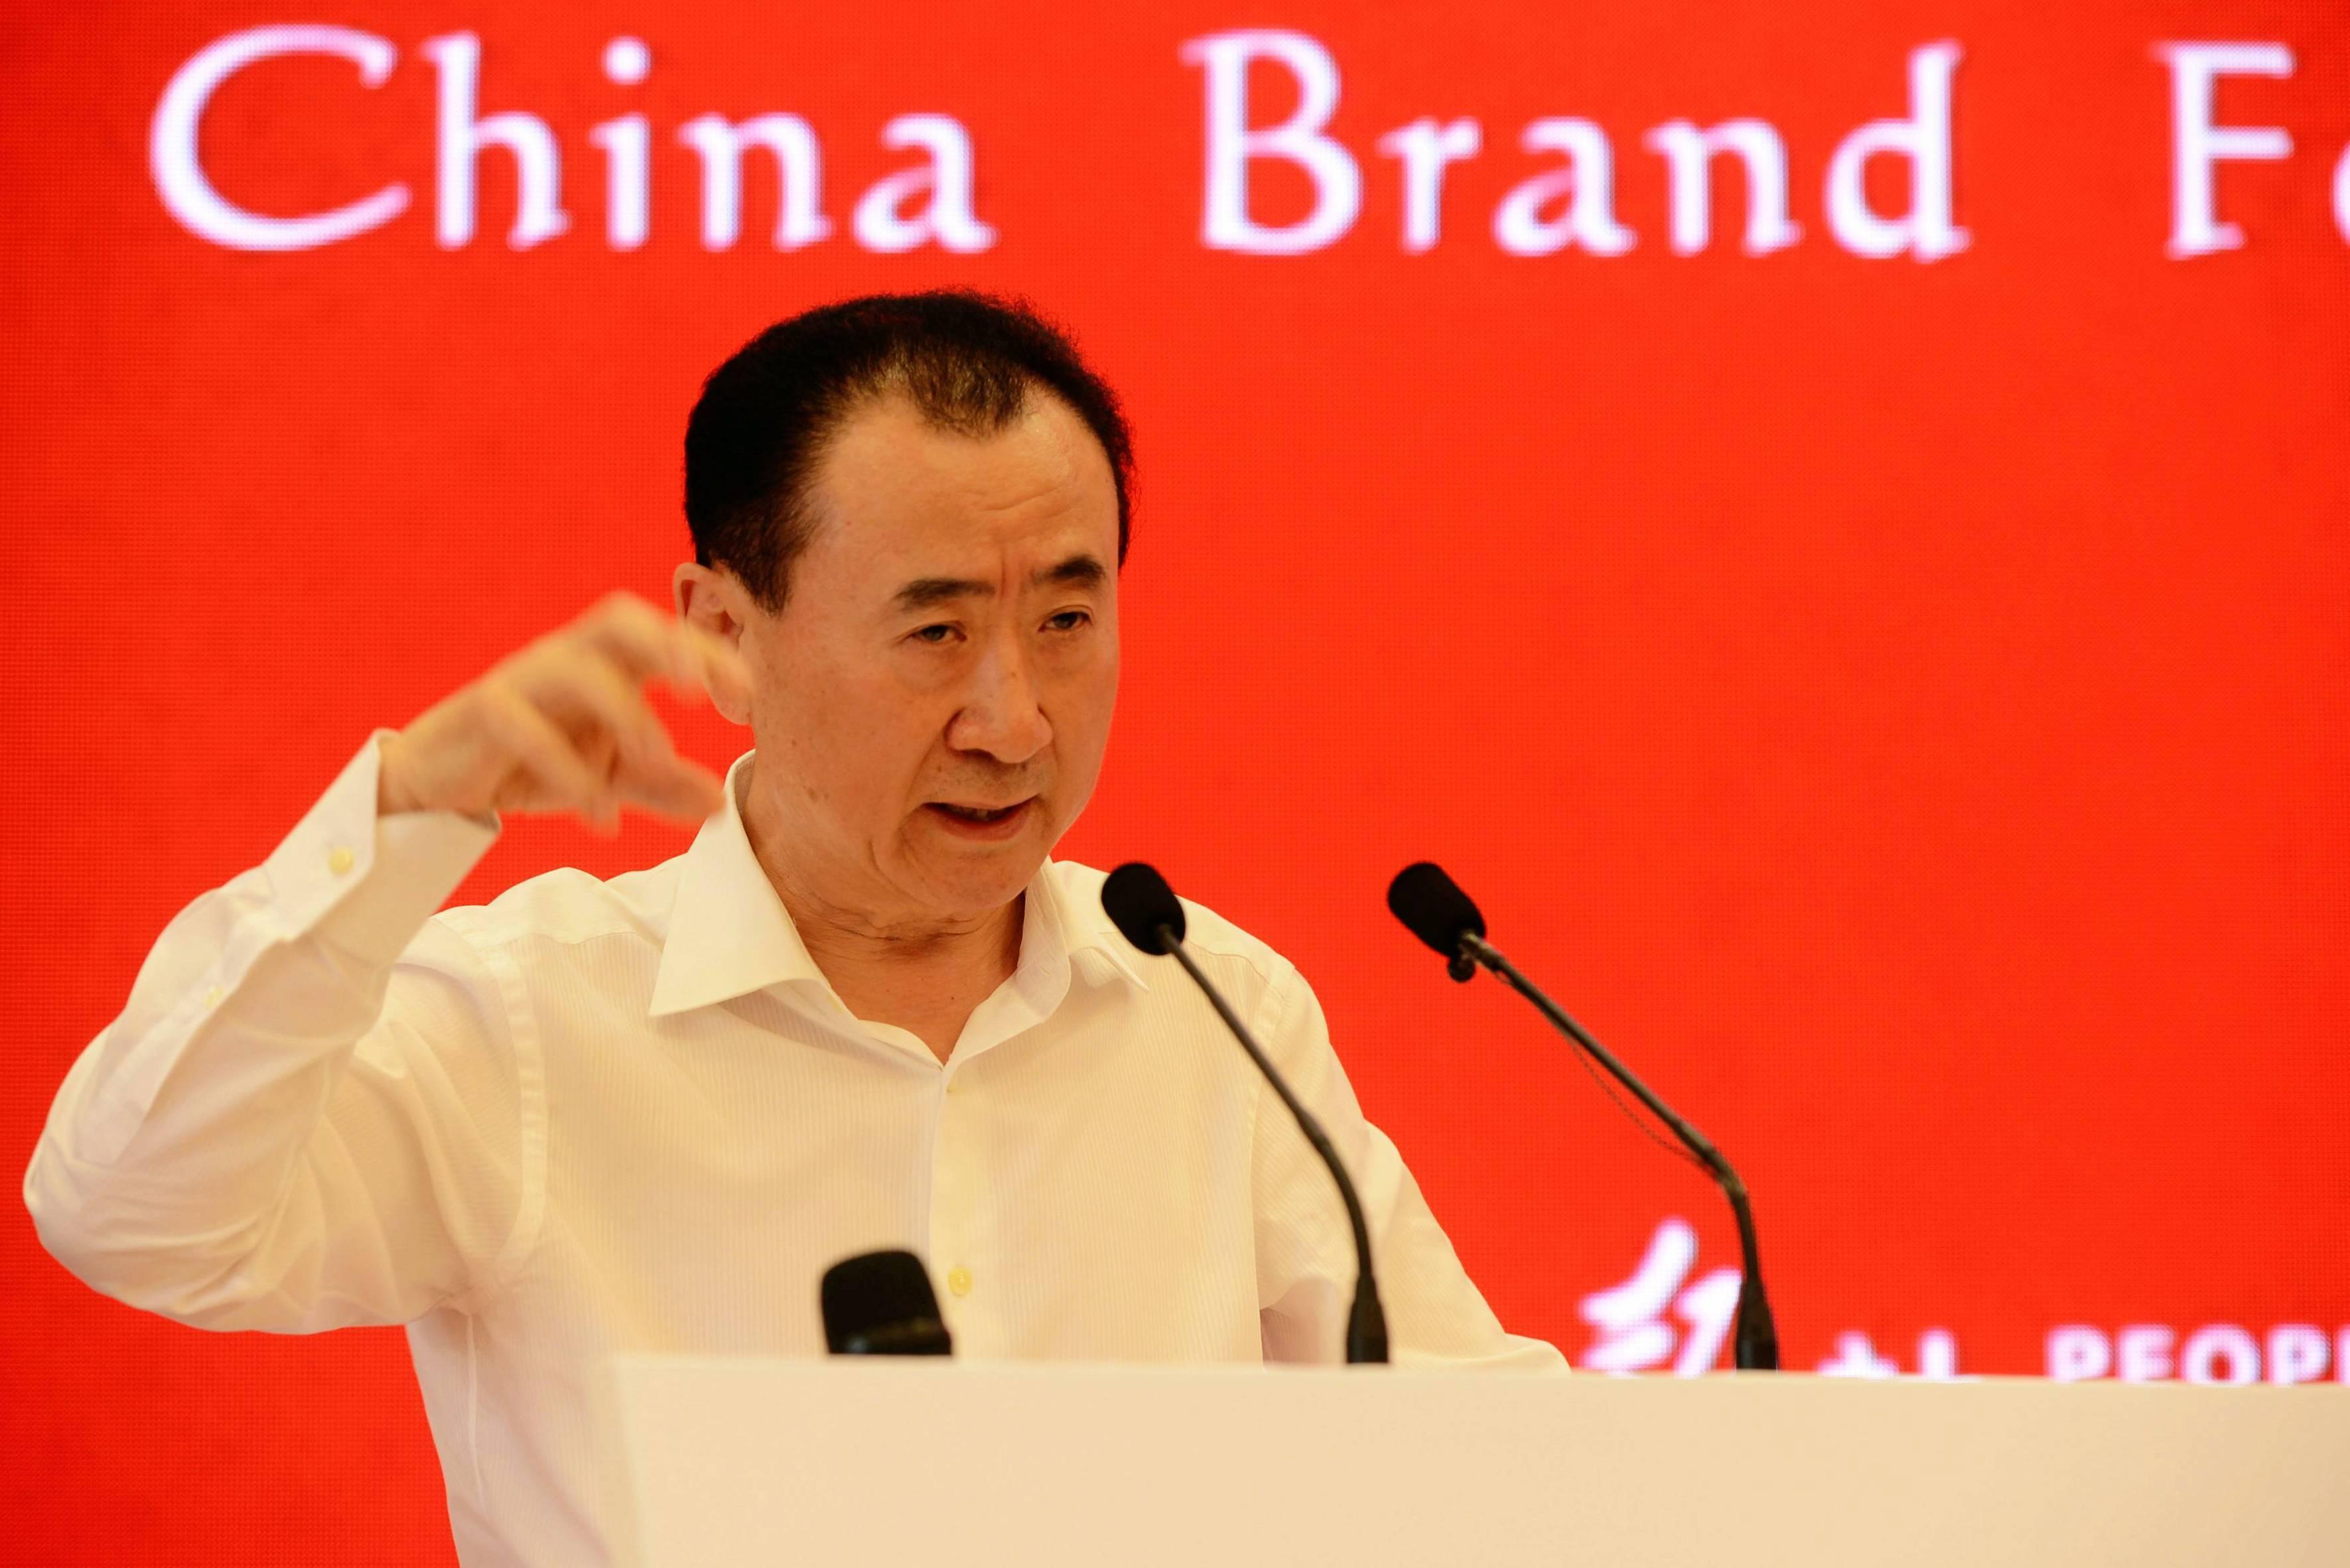 Wang Jianlin And Liu Chuanzhi Attend China Brand Forum In Beijing